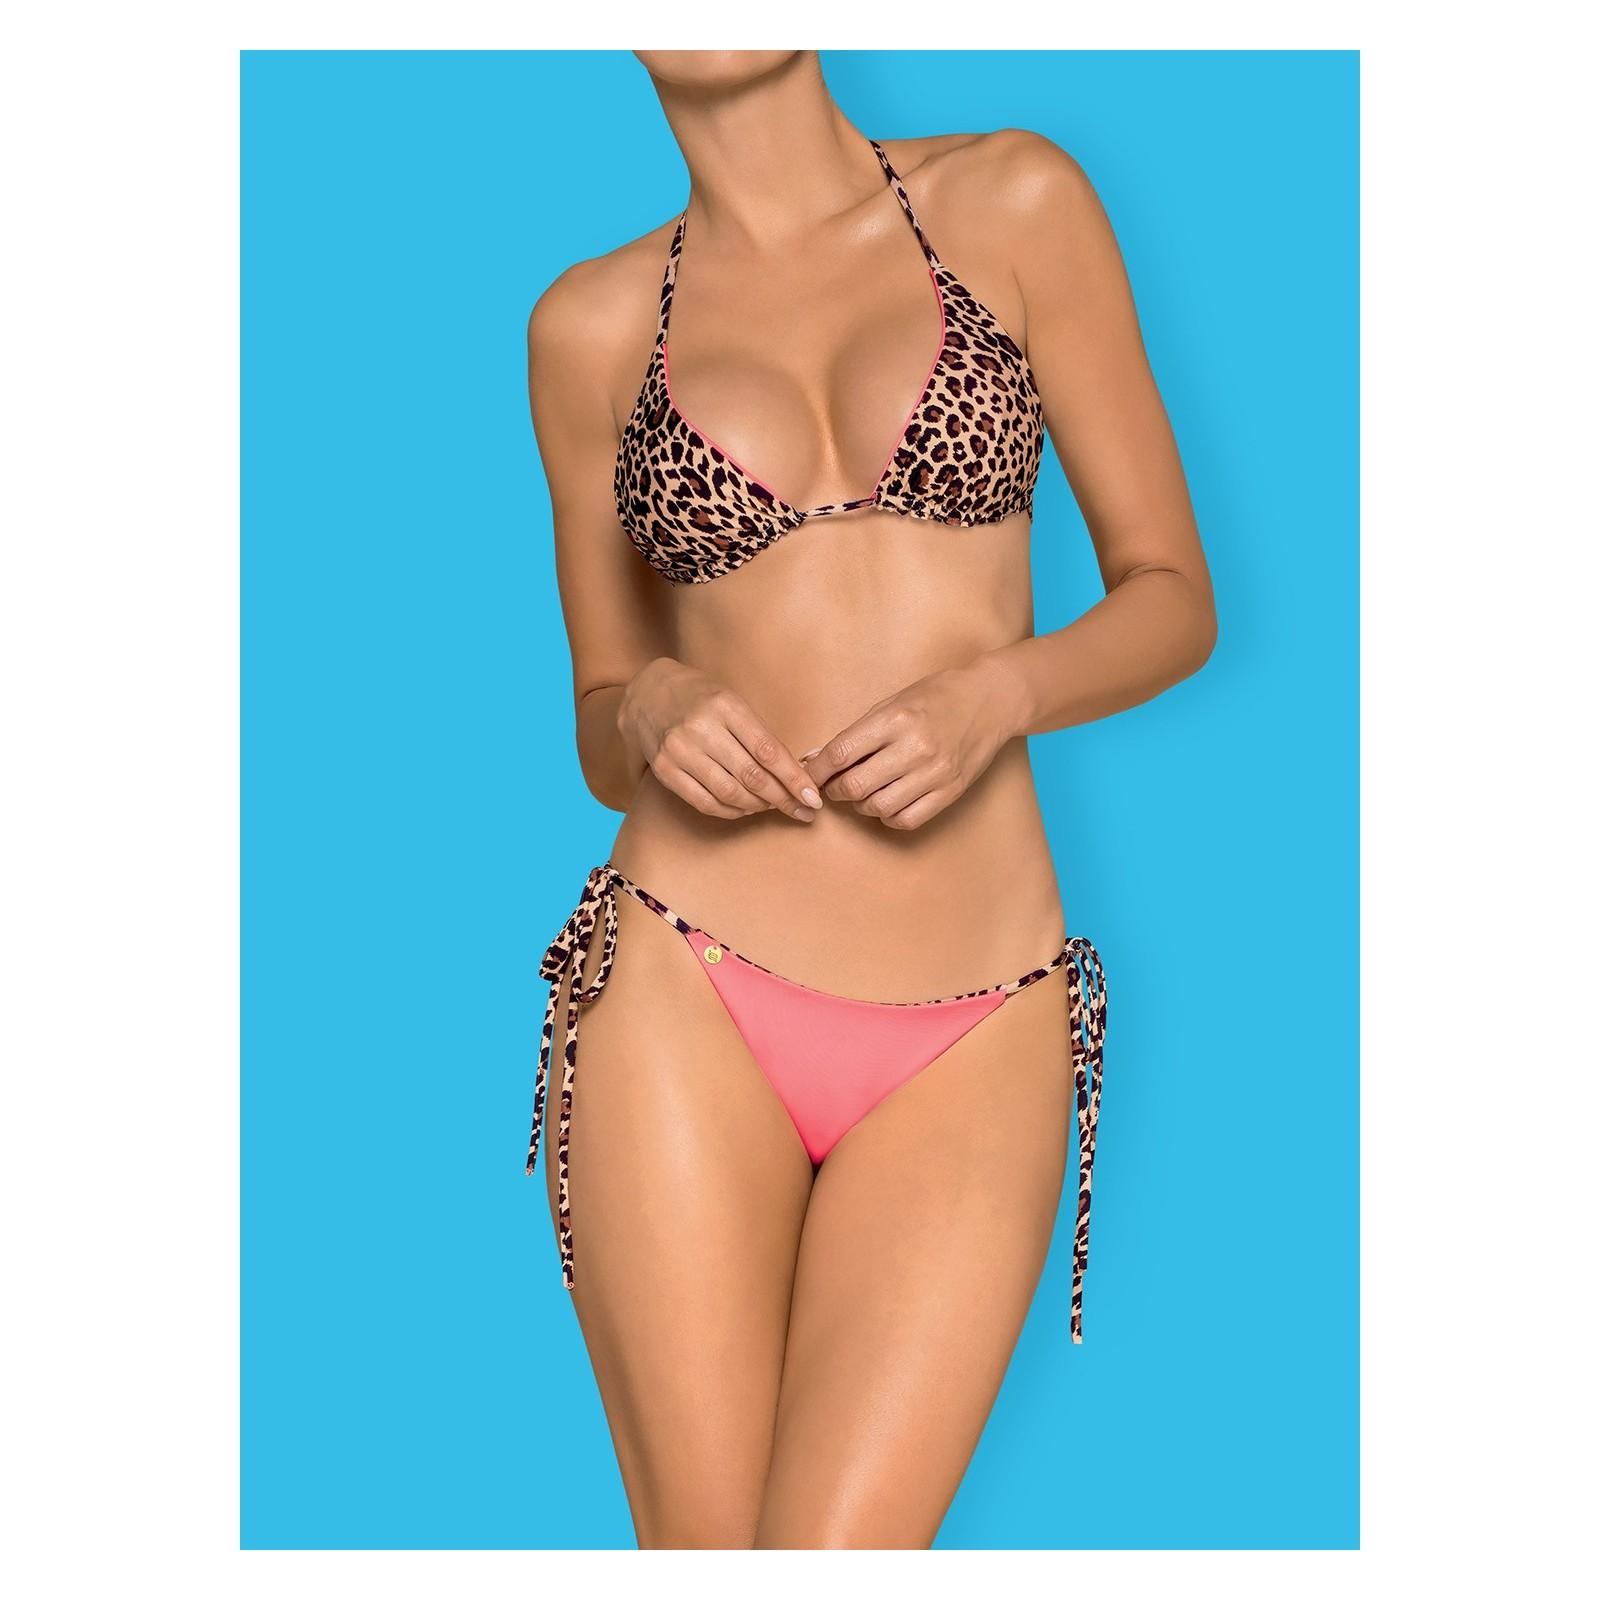 Bikini California rosa/leopard - 1 - Vorschaubild